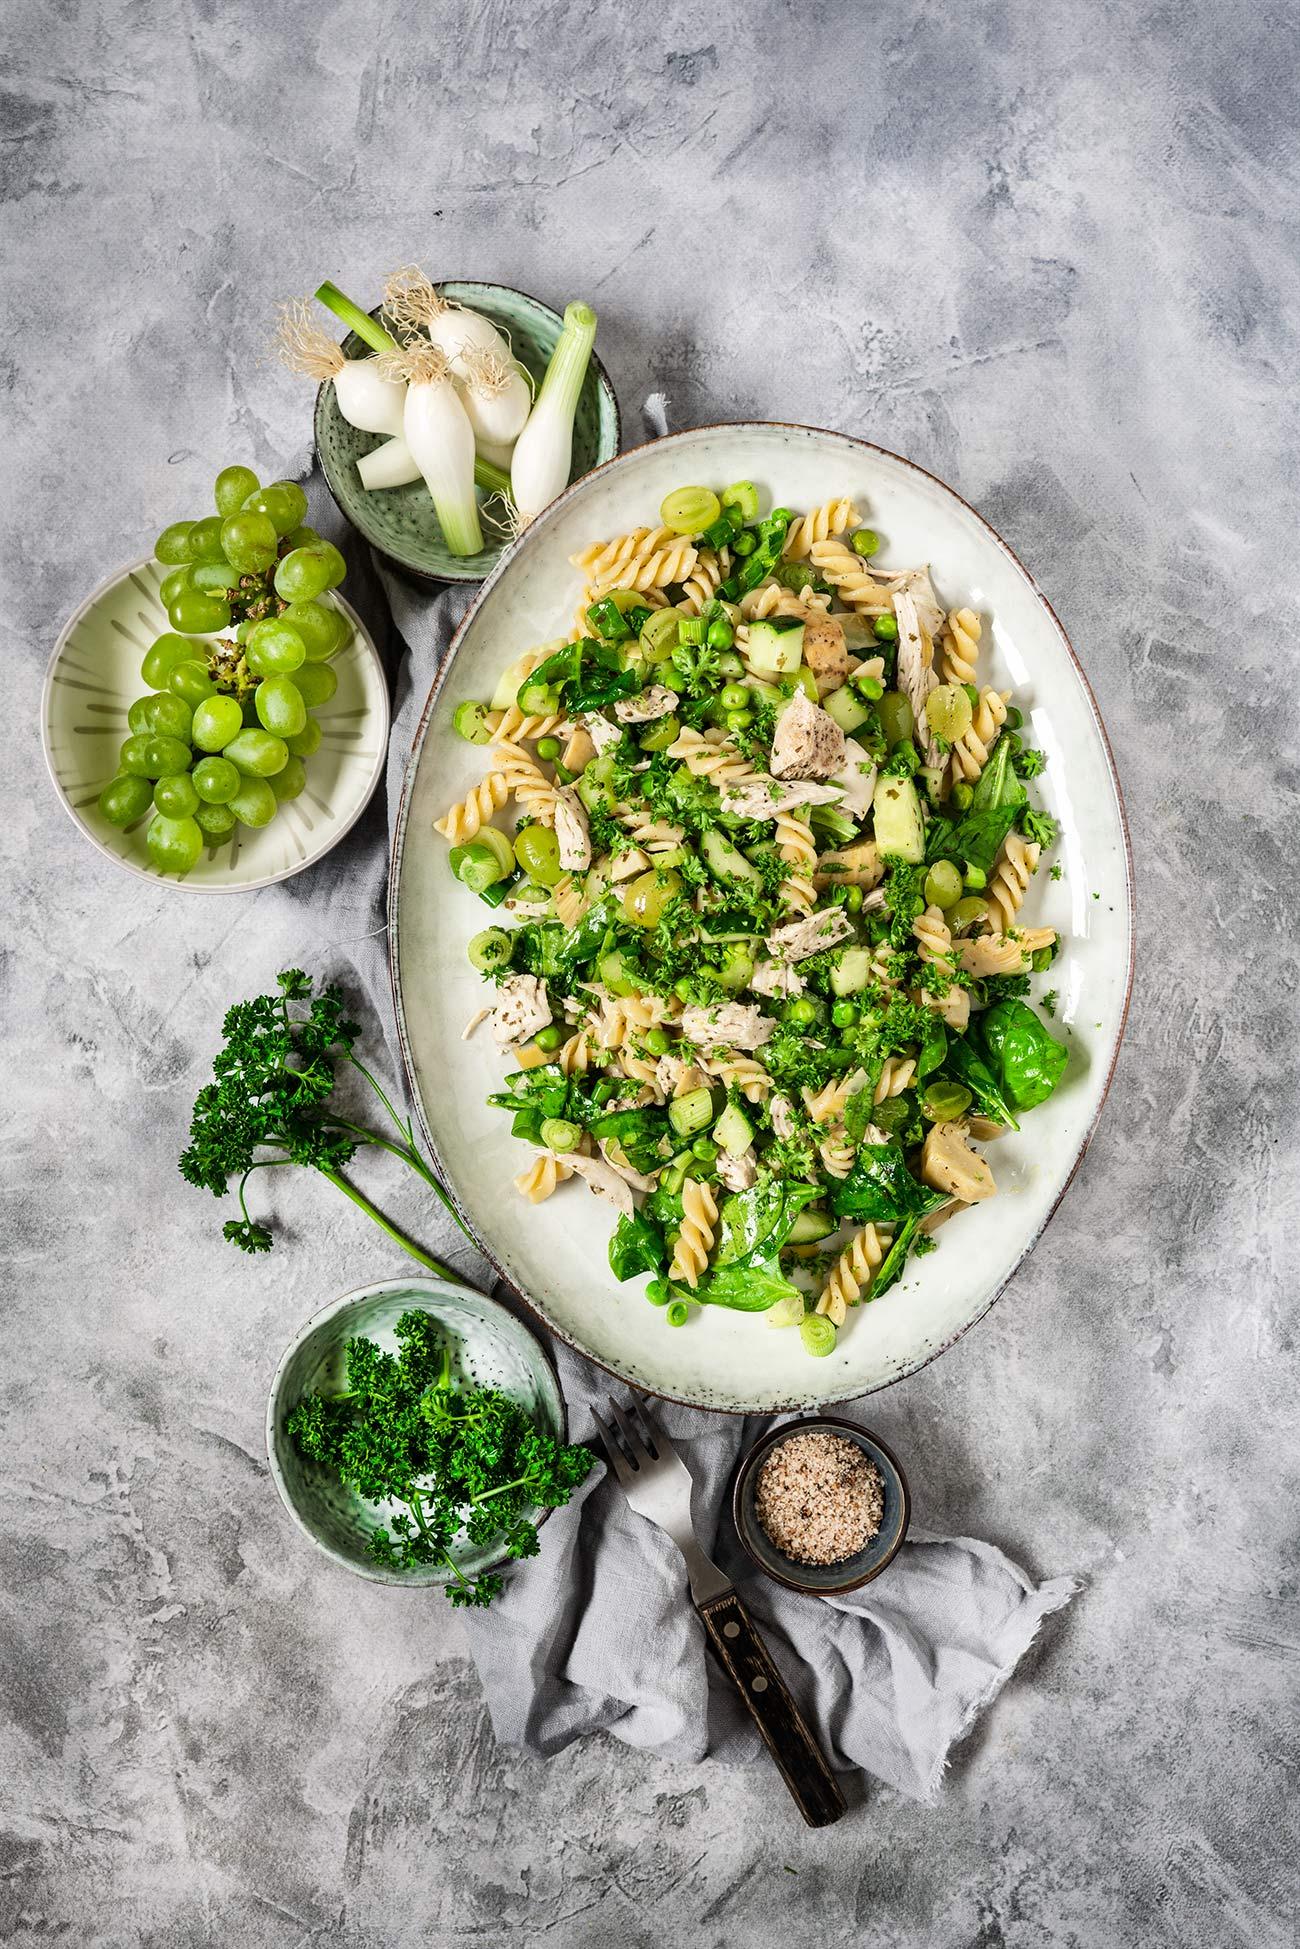 Iss mehr Salat! Klar doch. Gerade zur Sommerzeit kommen bei uns Salate fast täglich auf dem Tisch. Meist als Beilage. Dieser hier hat es aber zur Hauptmahlzeit geschafft und überzeugt mit fruchtigen Trauben, Spinat und Artischocken. Iss grün! Okay, ich gebe zu: Dieser Salat hat es bei uns echt oft auf den Tisch geschafft, weil er einfach so schön grün ist und einfach gut aussieht. Gerade in der Grillzeit wandeln wir ihn oft ab. Mal mit gegrilltem Hühnchen, gegrillter Ananas oder wie hier mit gekochter Hähnchenbrust.